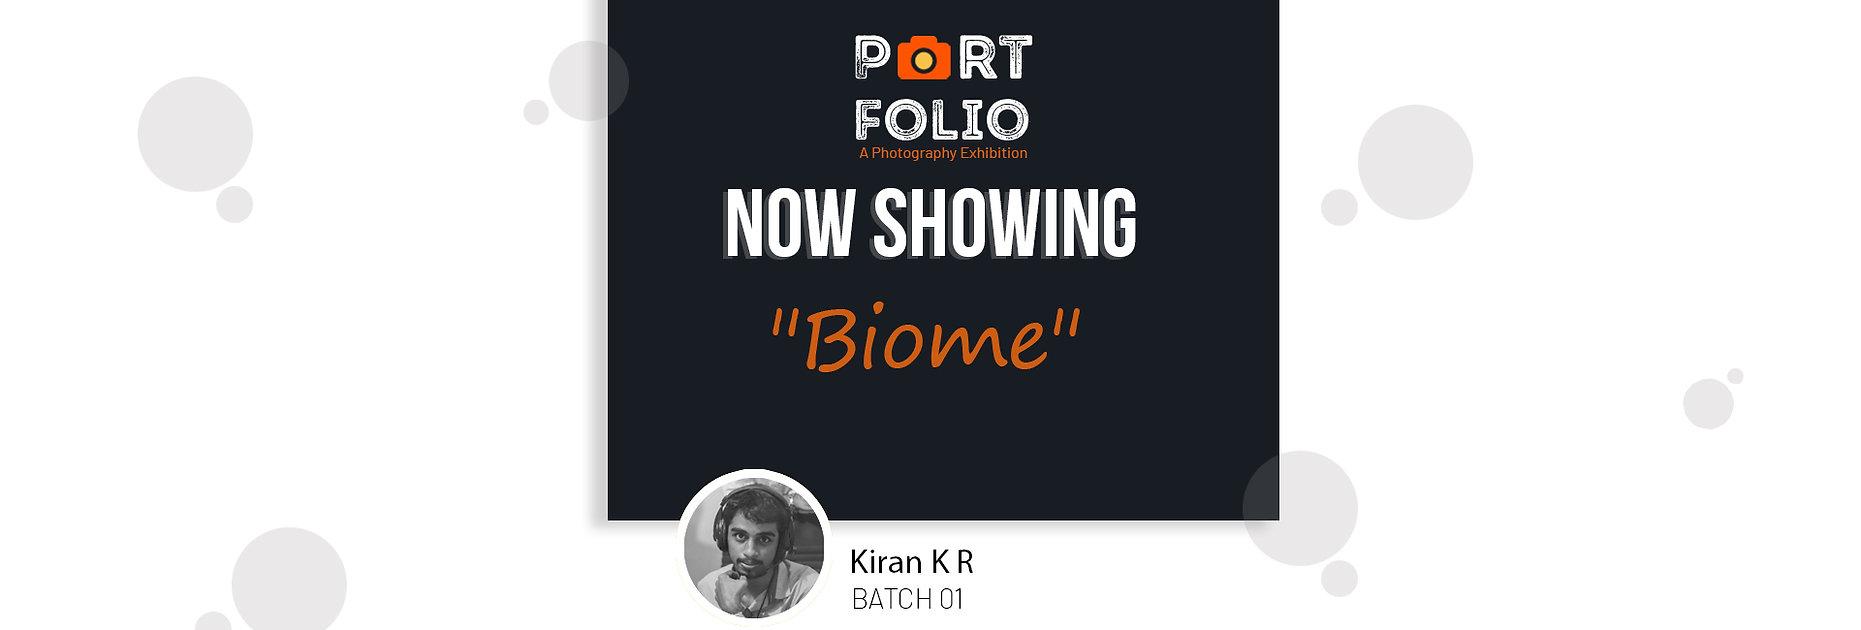 kiran now showing (2).jpg